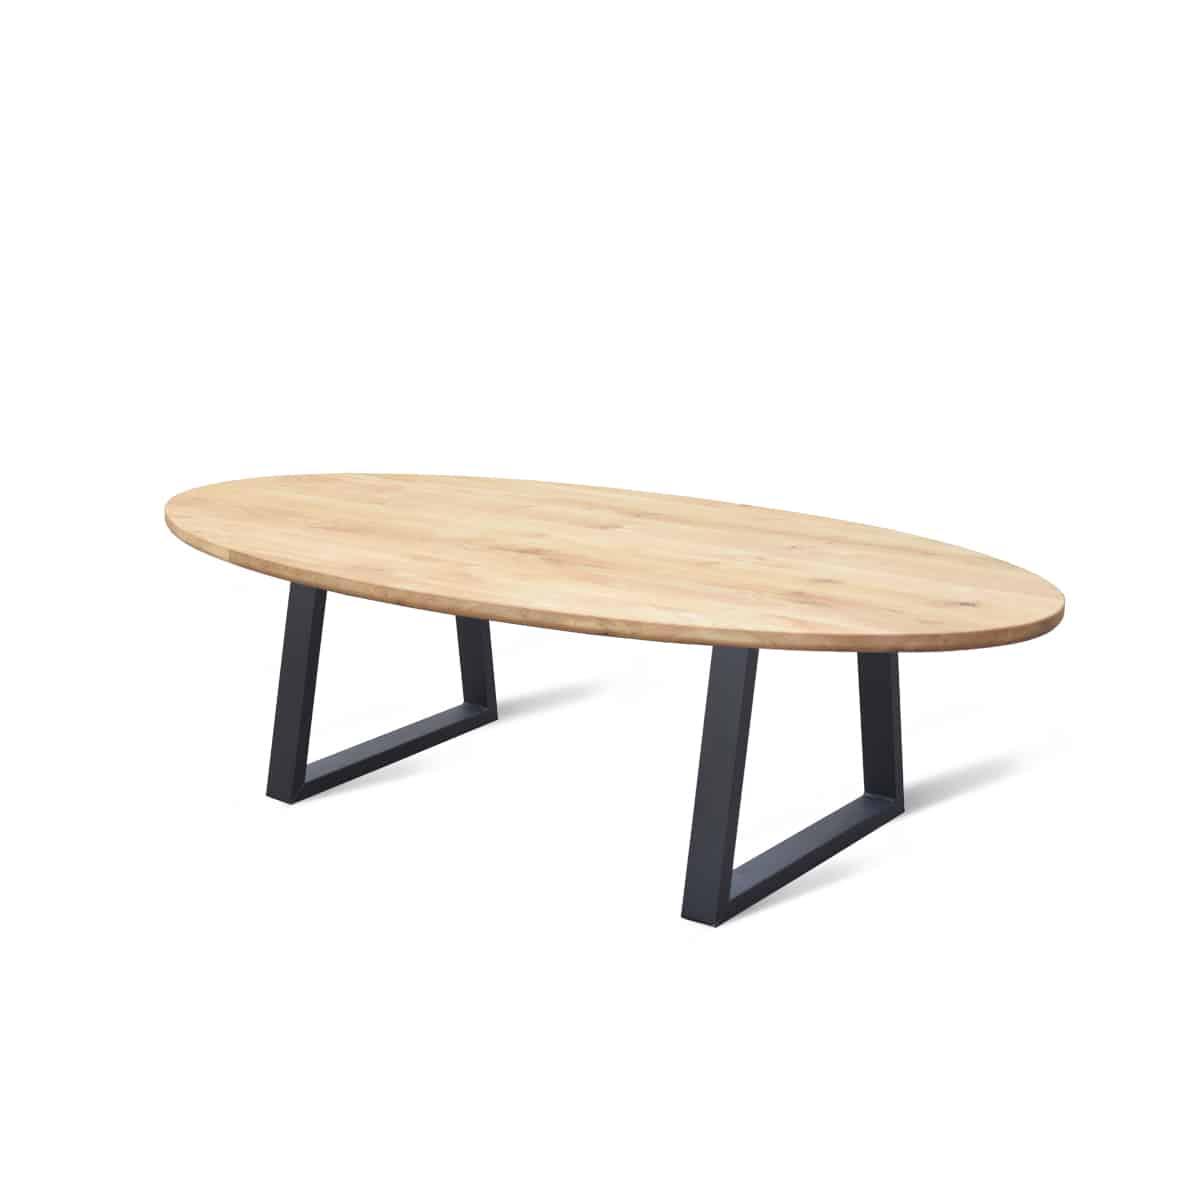 ovaal ovale industriele massief eiken houten eetkamer keuken tafel